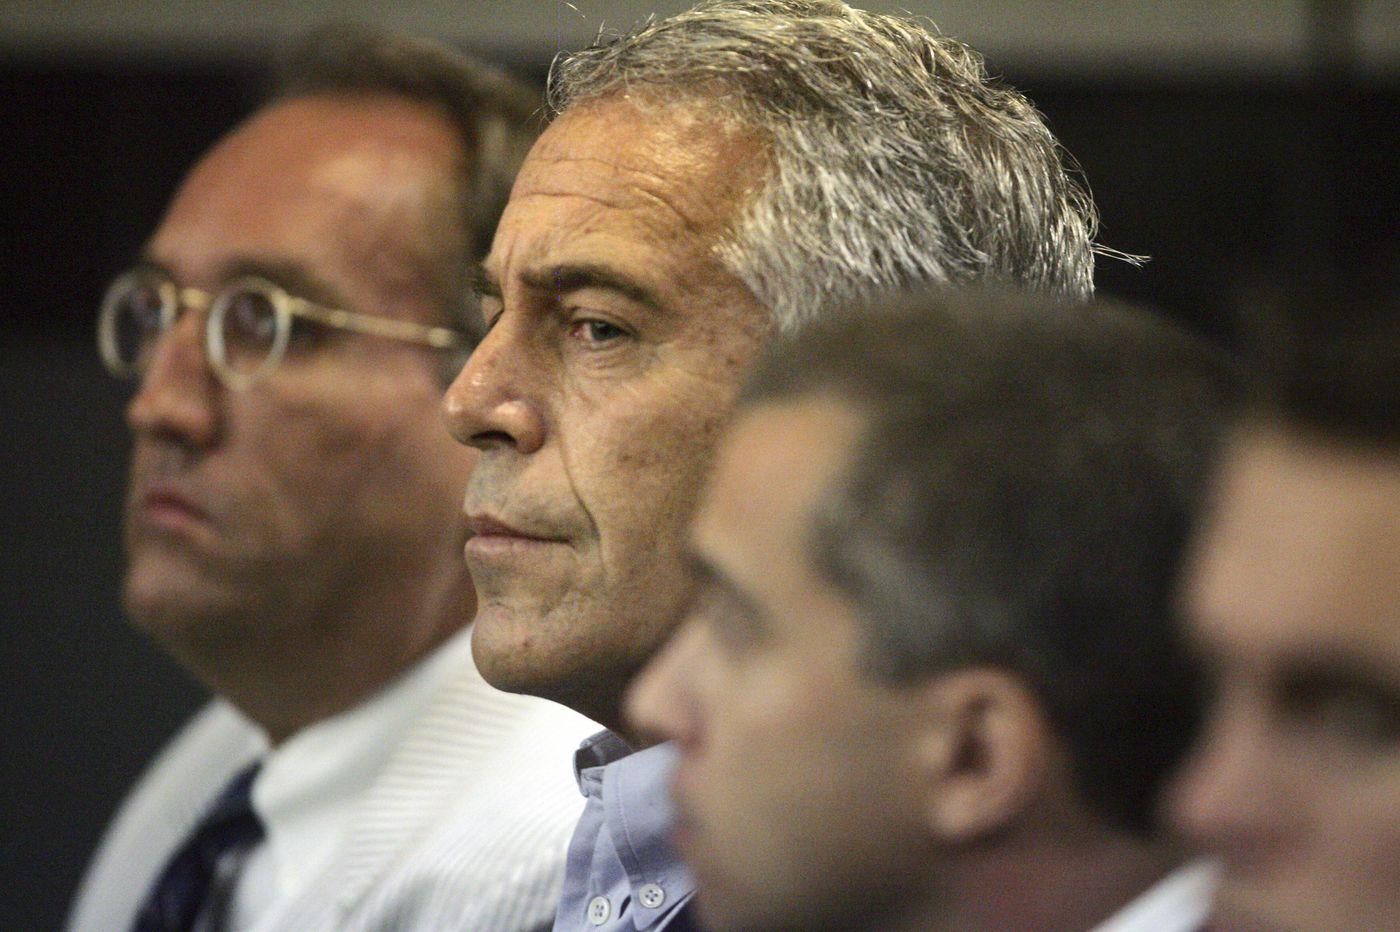 Jeffrey Epstein case judge invites accusers to hearing next week